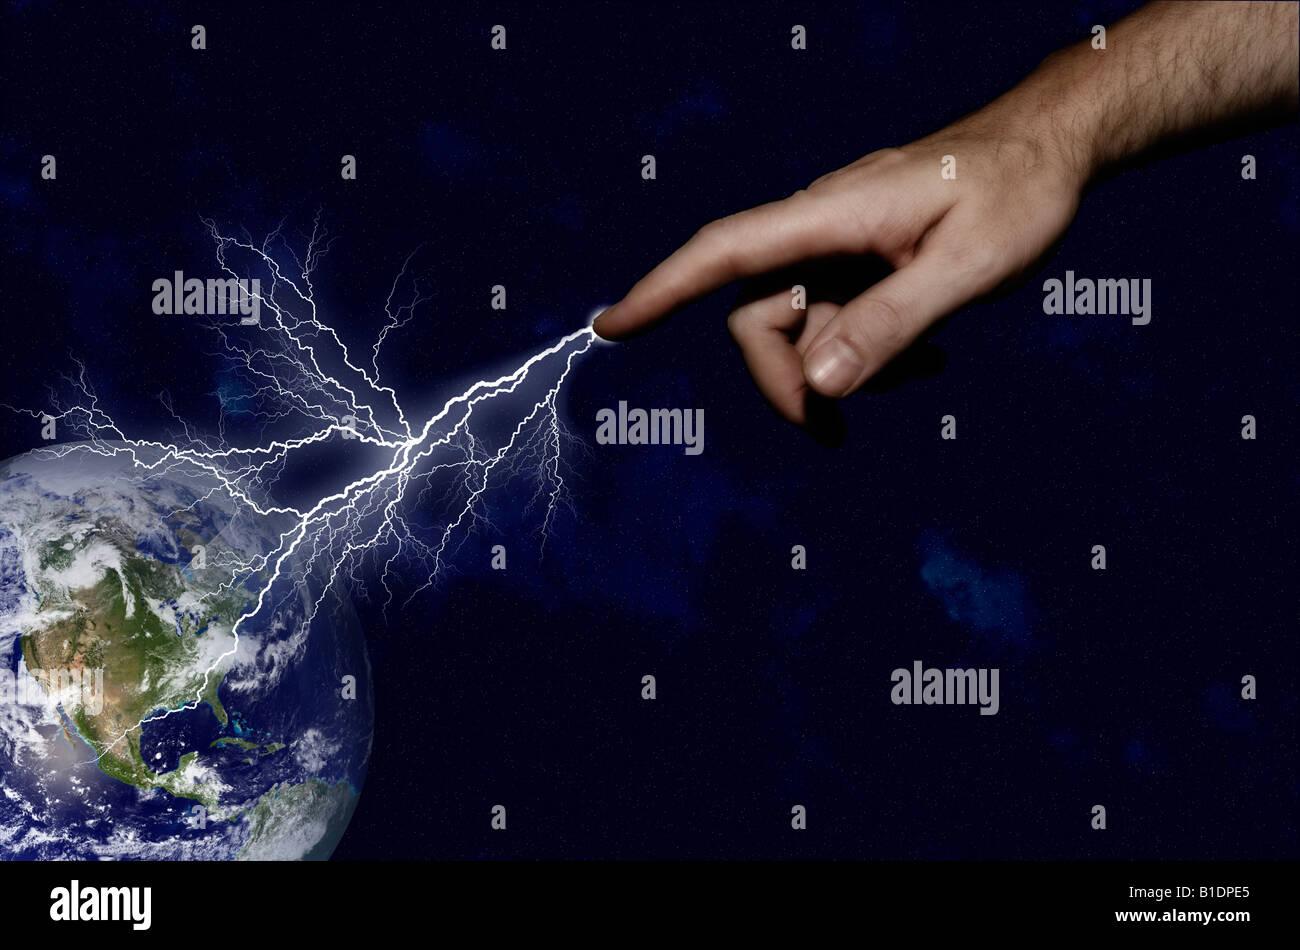 Darstellung von Menschenhand Duschen die Erde mit Beleuchtung in einem Akt der Zerstörung Stockbild